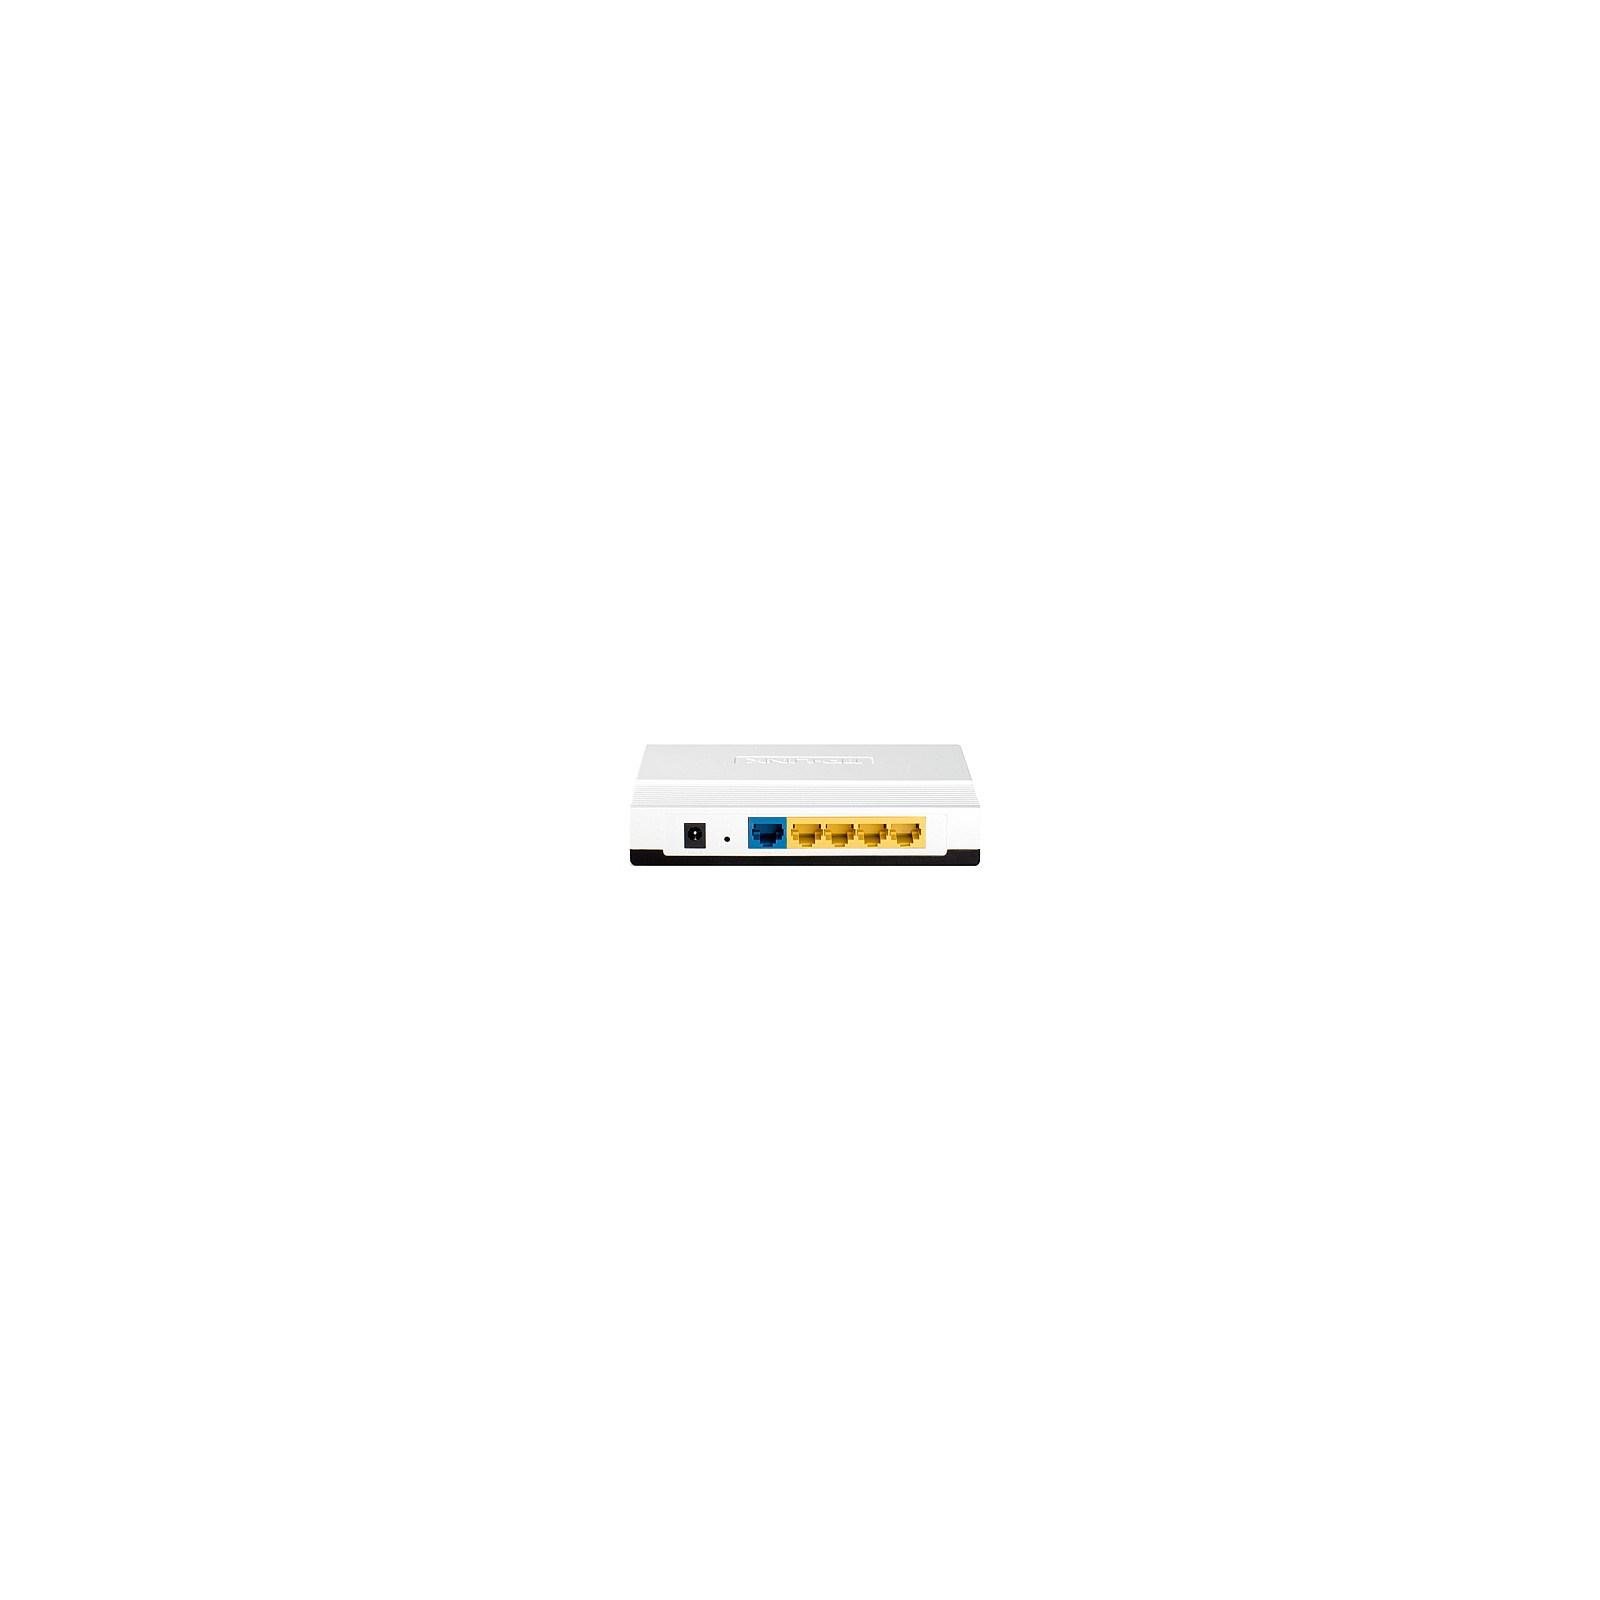 Маршрутизатор TP-Link TL-R460 изображение 2